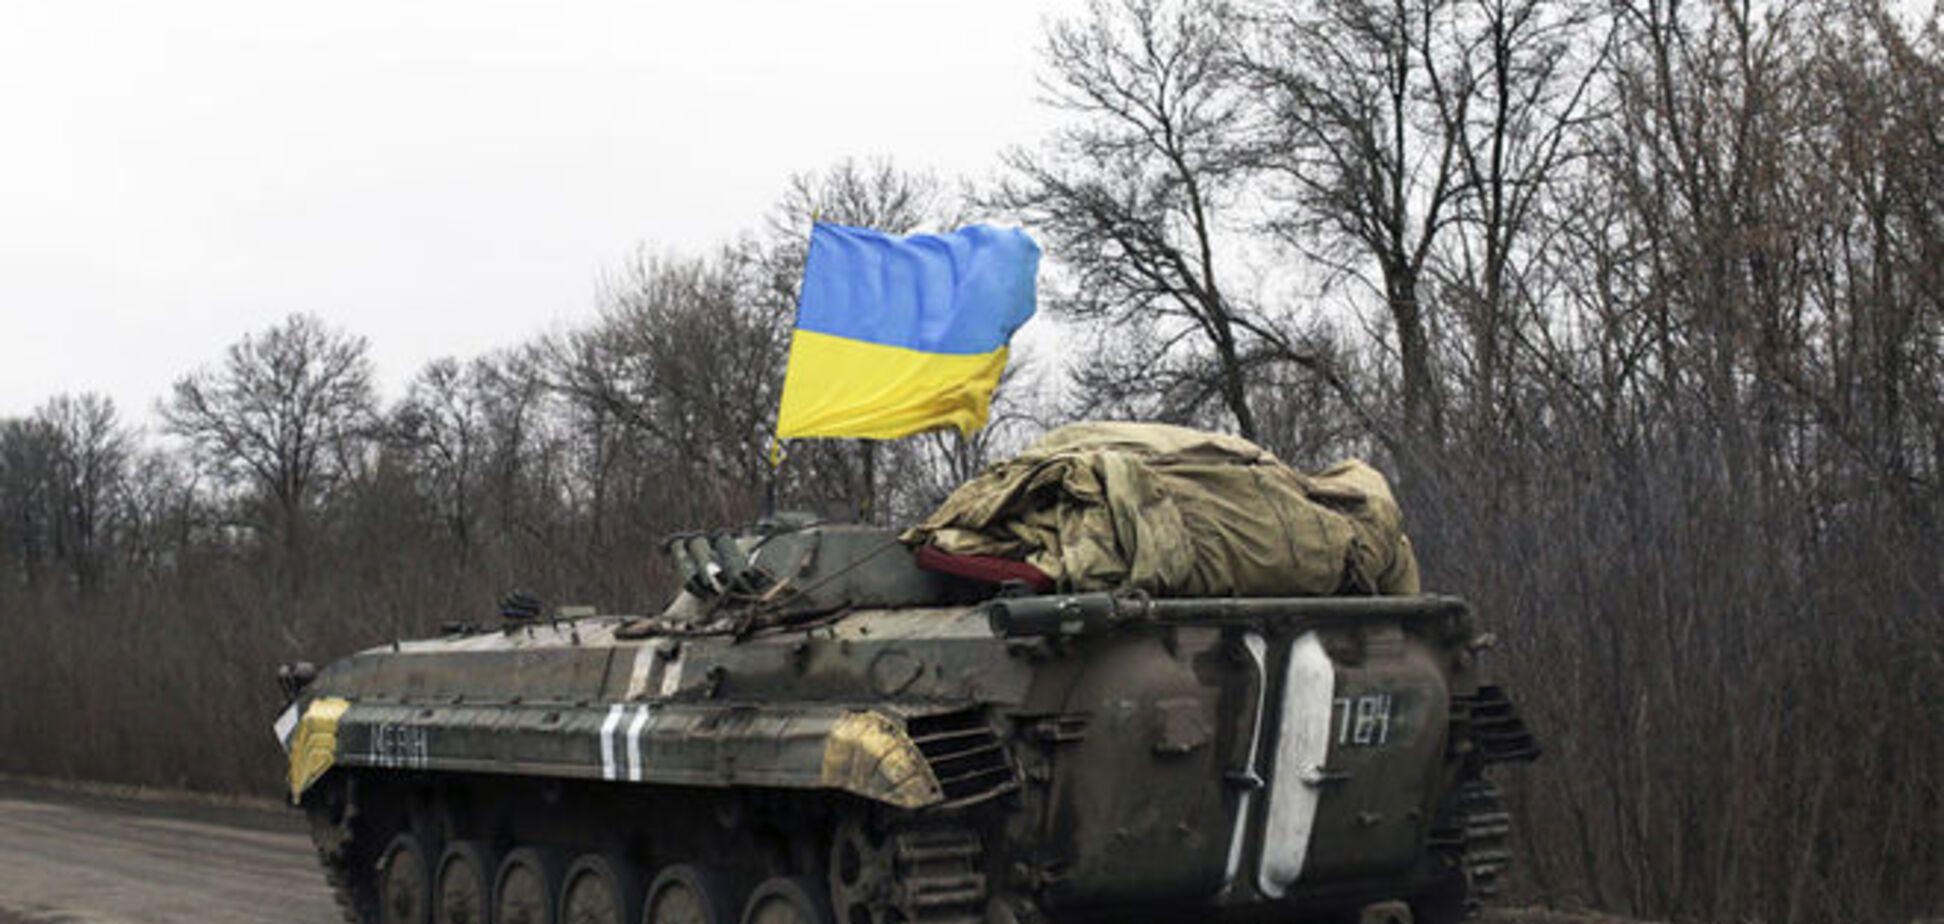 Боевики обстреляли позиции сил АТО в районе Авдеевки из тяжелого вооружения